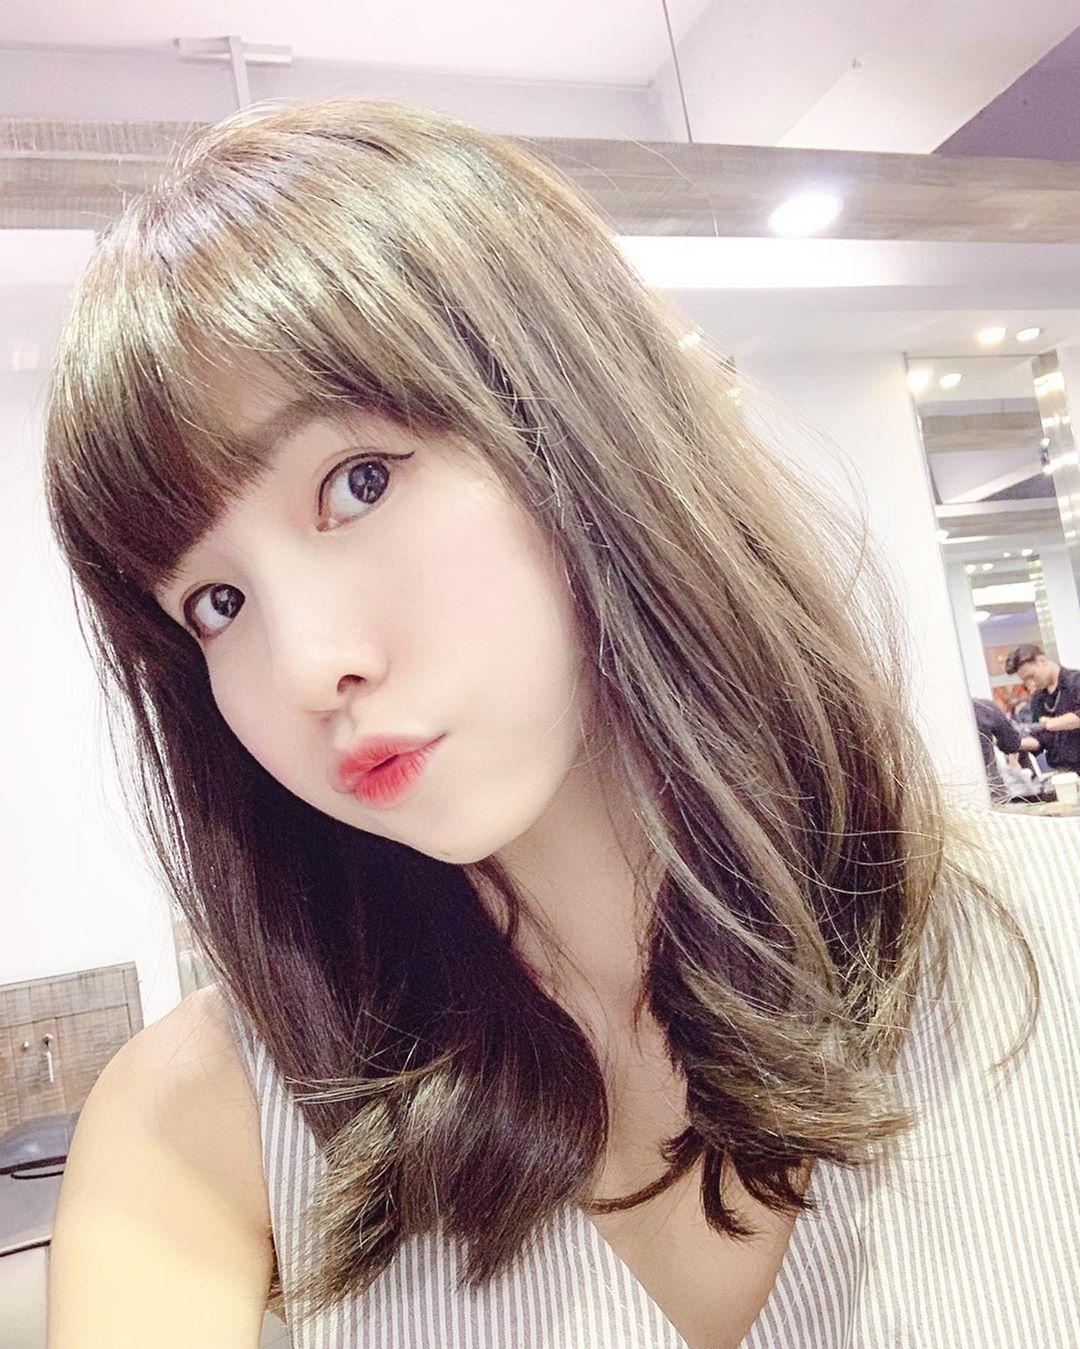 台湾美女模特Connie,甜美可人,气质怡人,女神精选合辑四24张